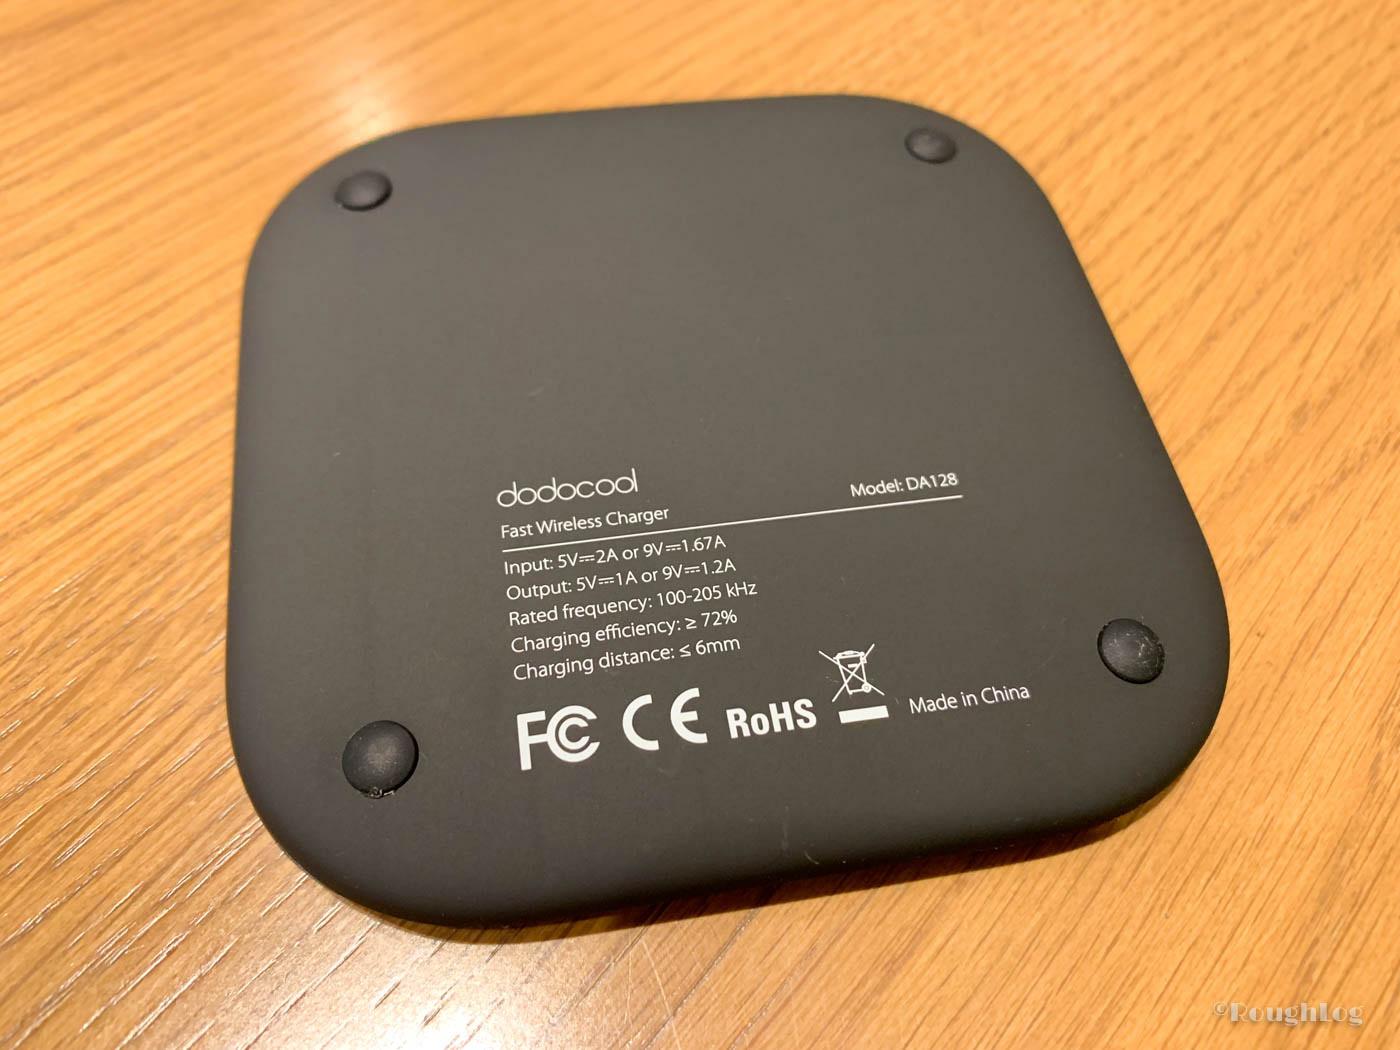 dodocool製Qiワイヤレス充電器の裏側四隅には滑り止めが付いているので動きにくい